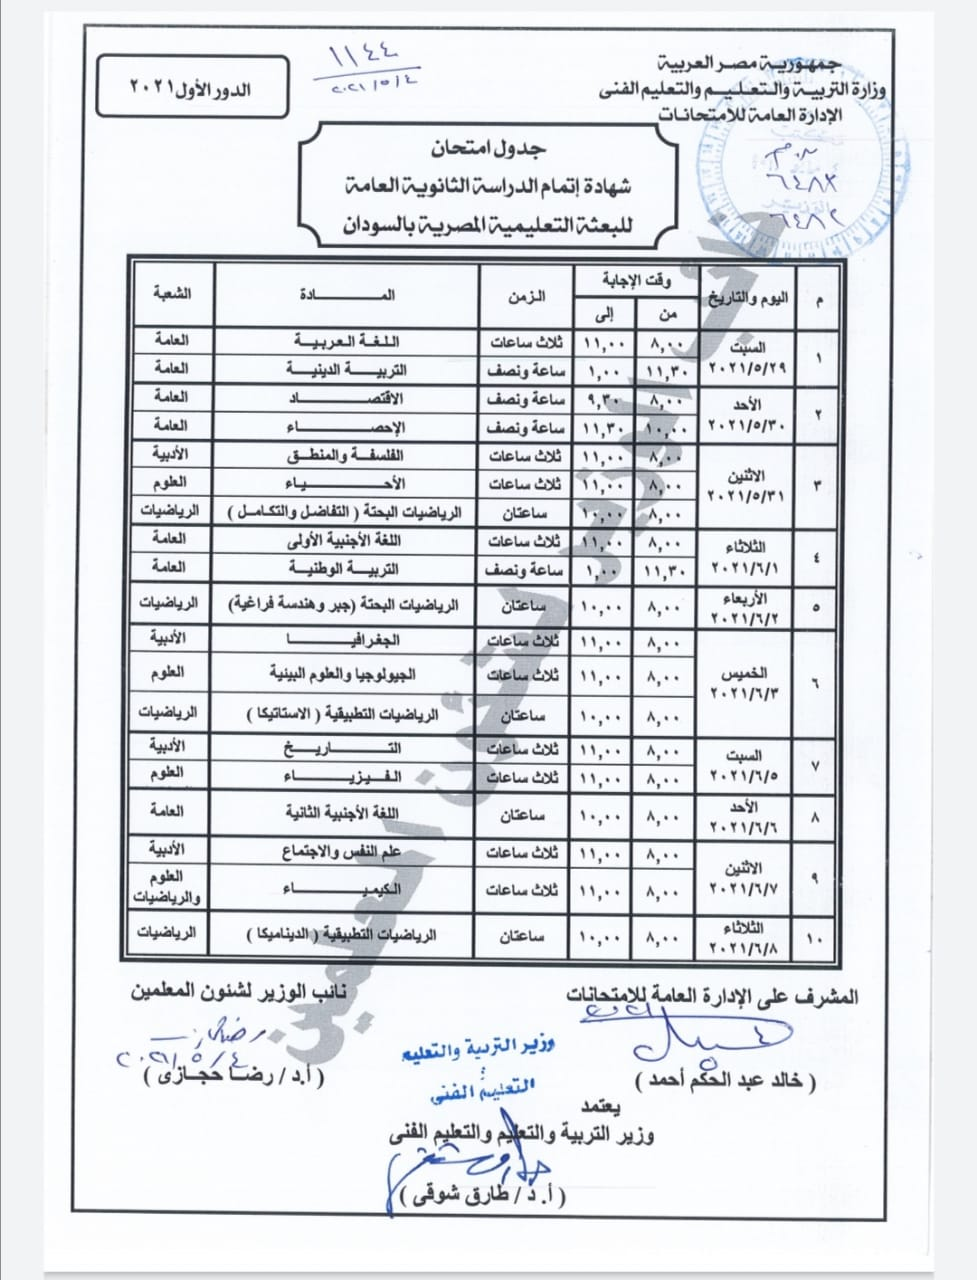 طارق شوقي يعتمد جدول امتحان الثانوية العامة للبعثة التعليمية في السودان